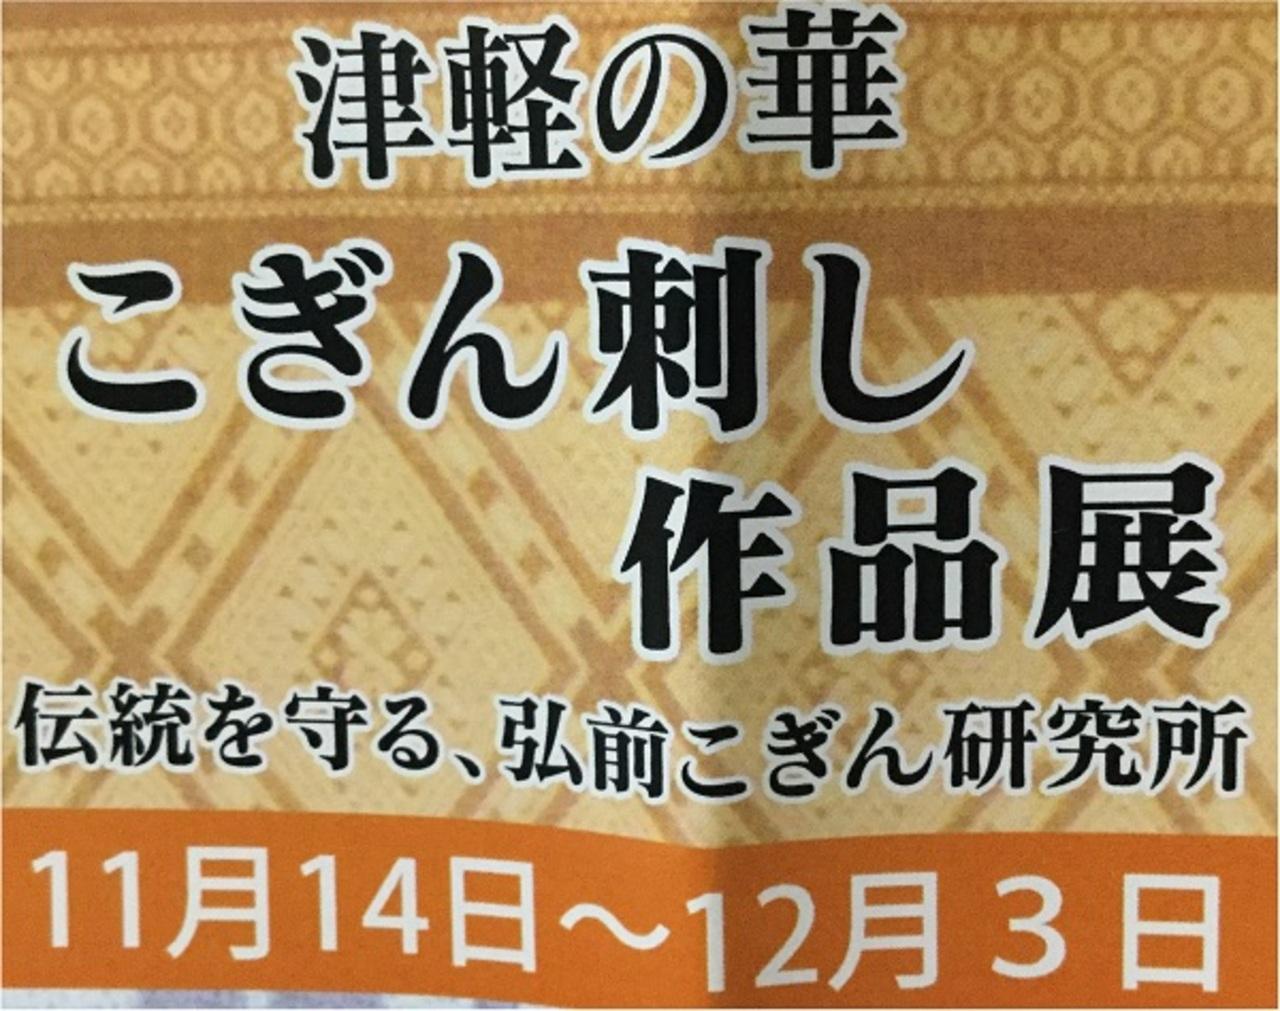 手間ひまをかけた工芸品 津軽の華 こぎん刺し作品展 中央区 (11/14〜12/3) 札幌